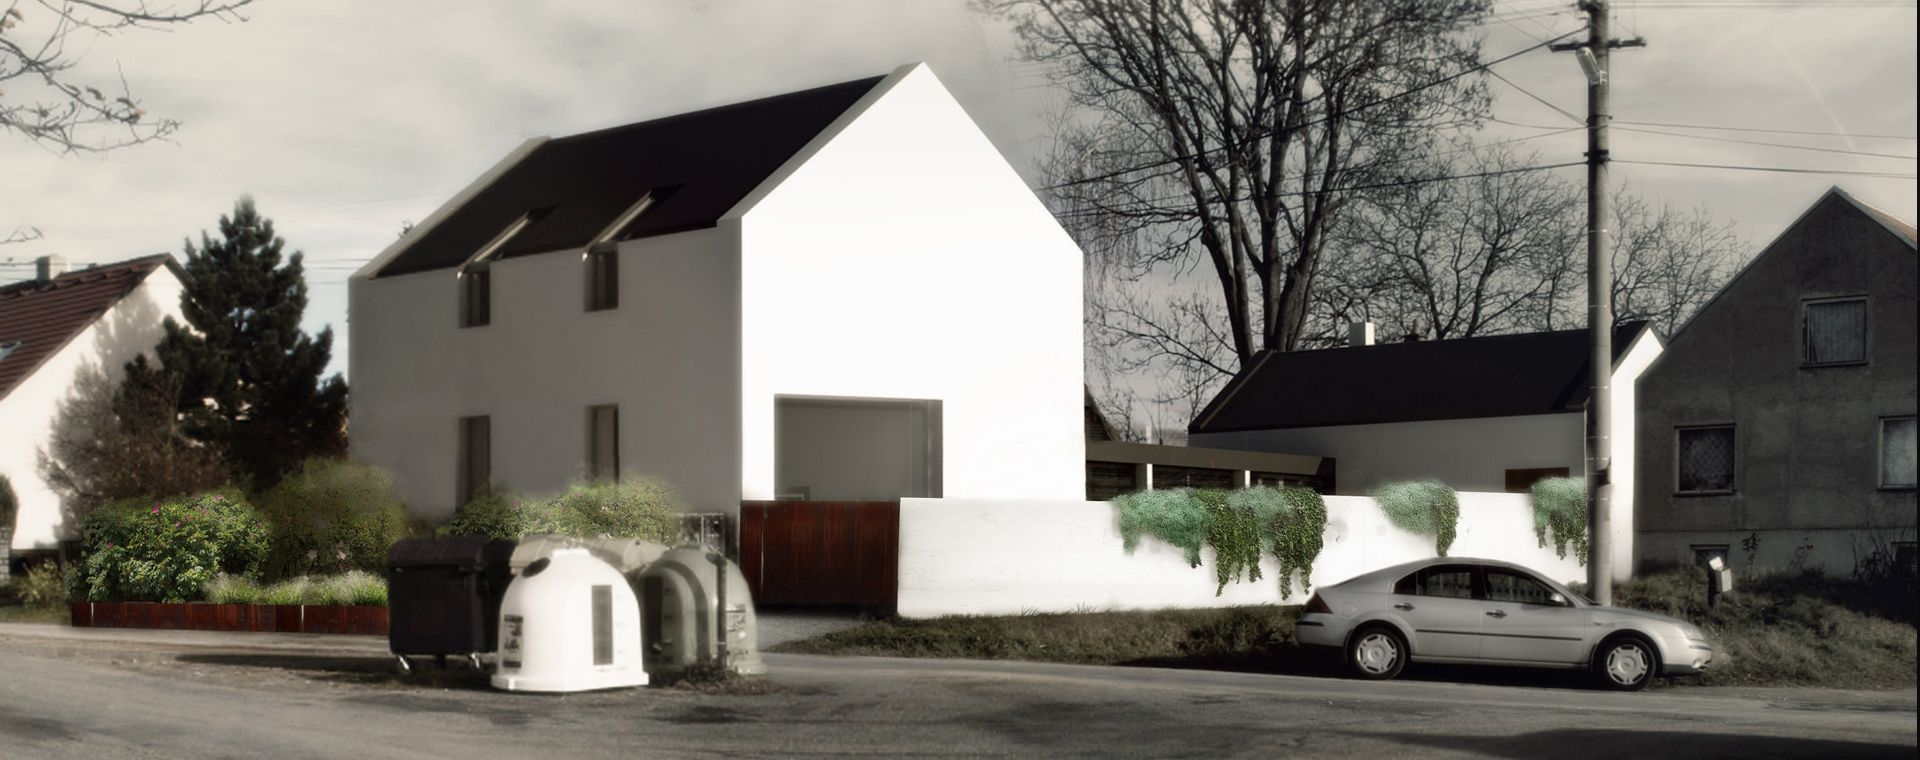 Garden for education centre with wellness, Stanoviště, South Moravia, 2012, CZ